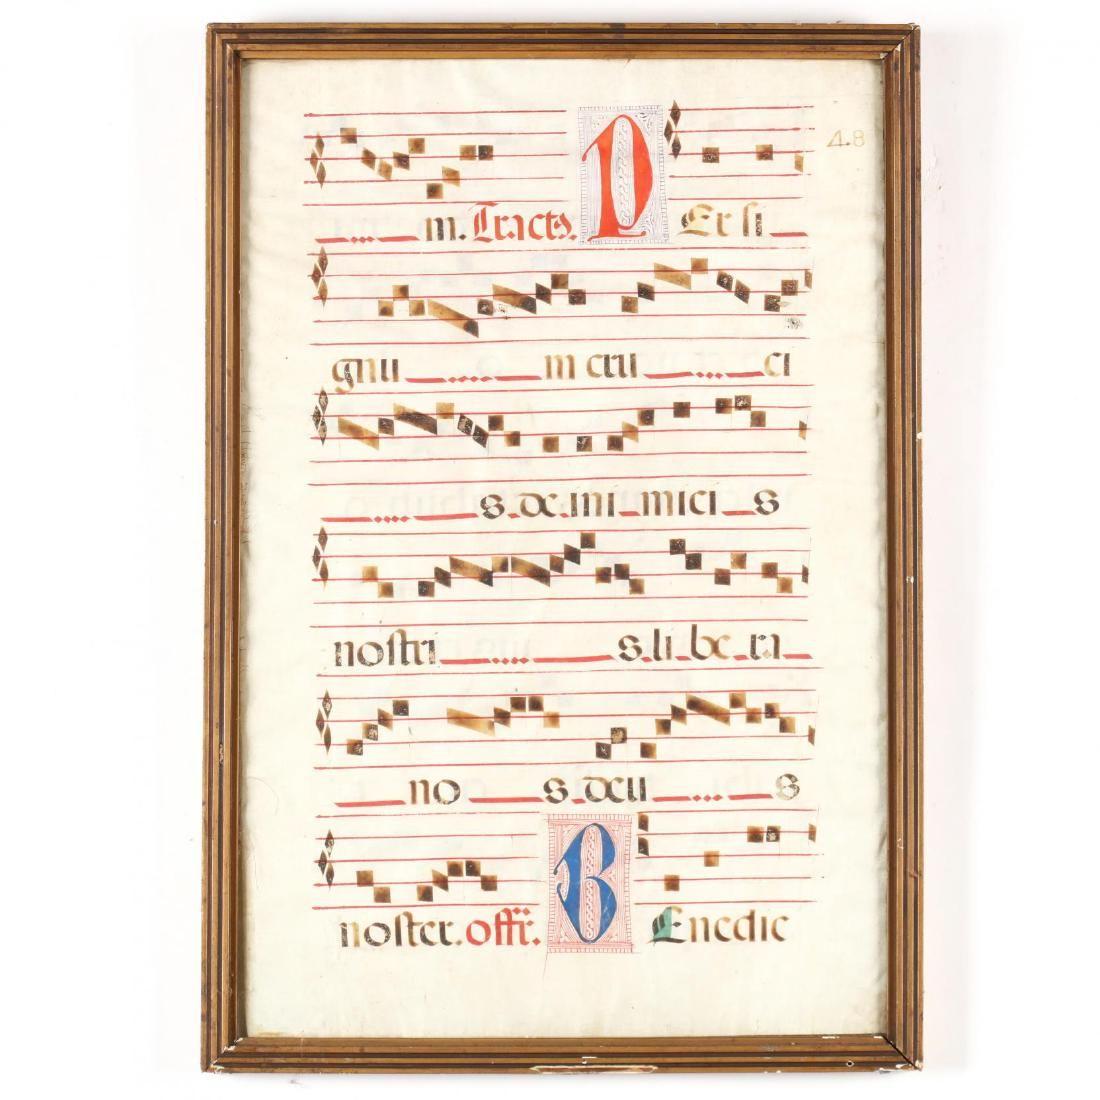 Antiphonal Manuscript Leaf on Vellum, 16th Century